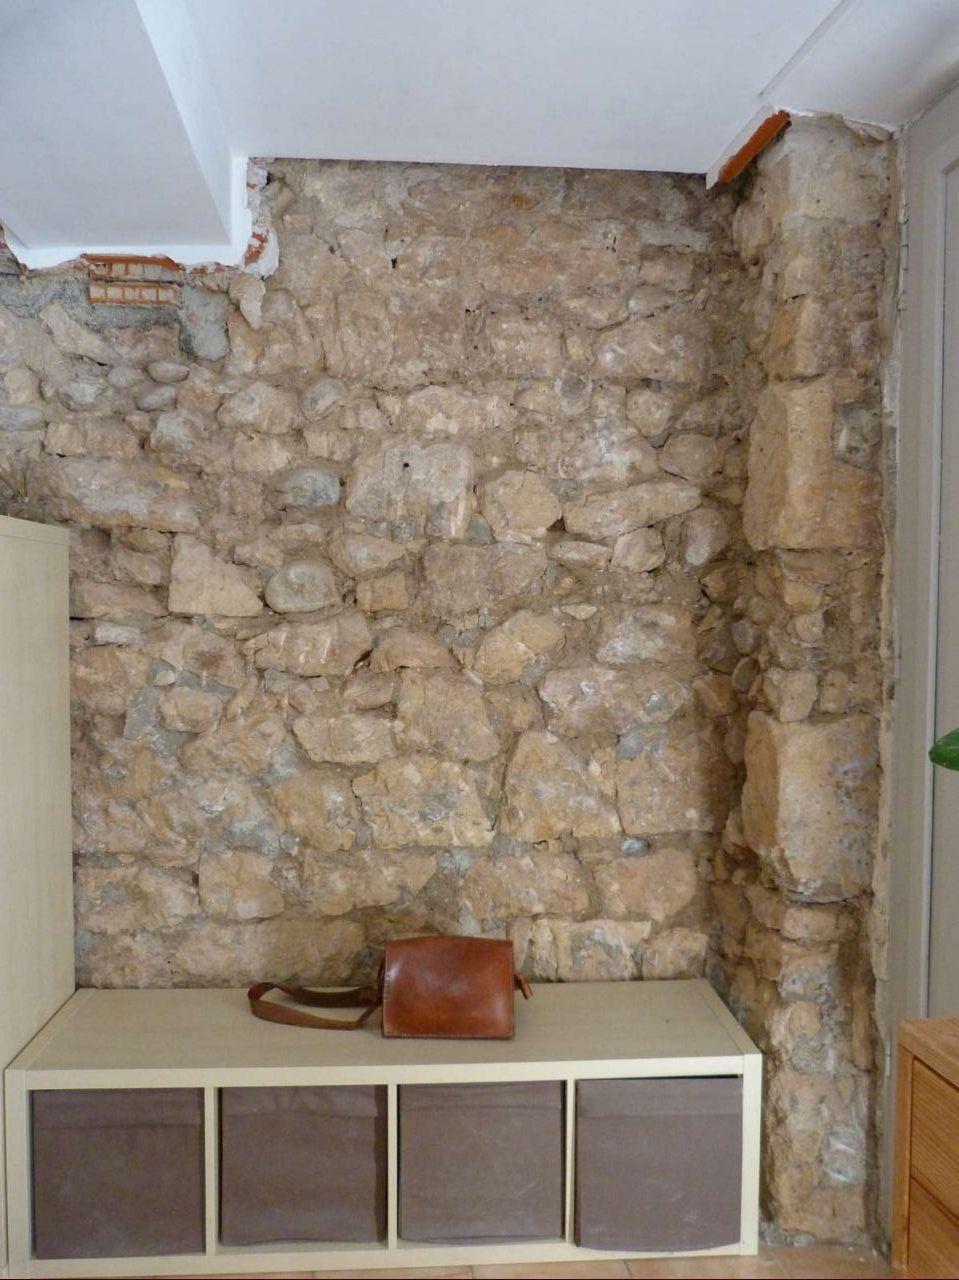 mur en pierres à rejointer dans la pièce à vivre